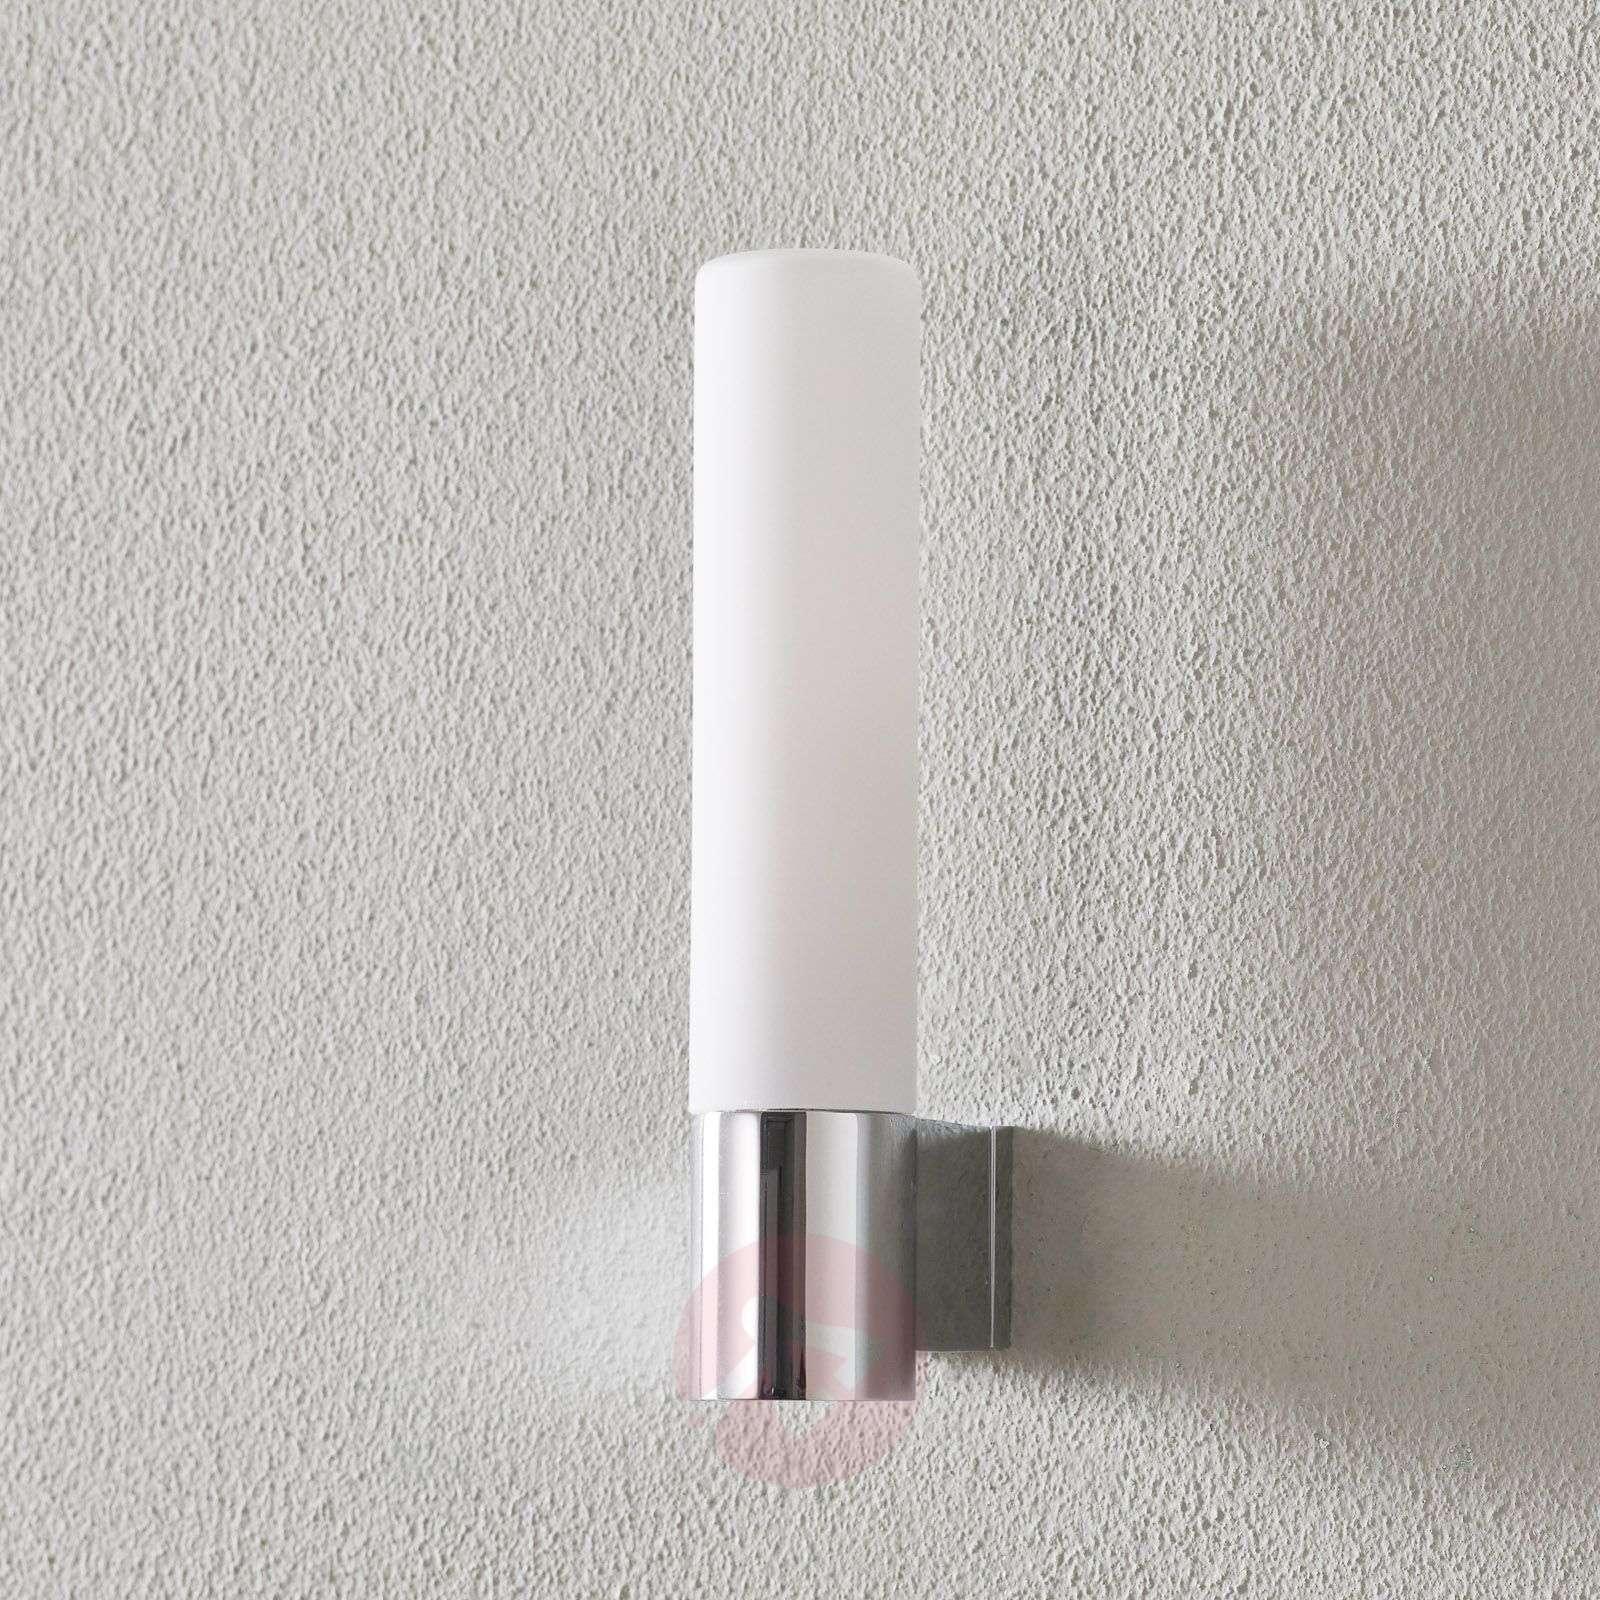 Kylpyhuone-seinävalaisin Bari valkoisella lasilla-1020012-02